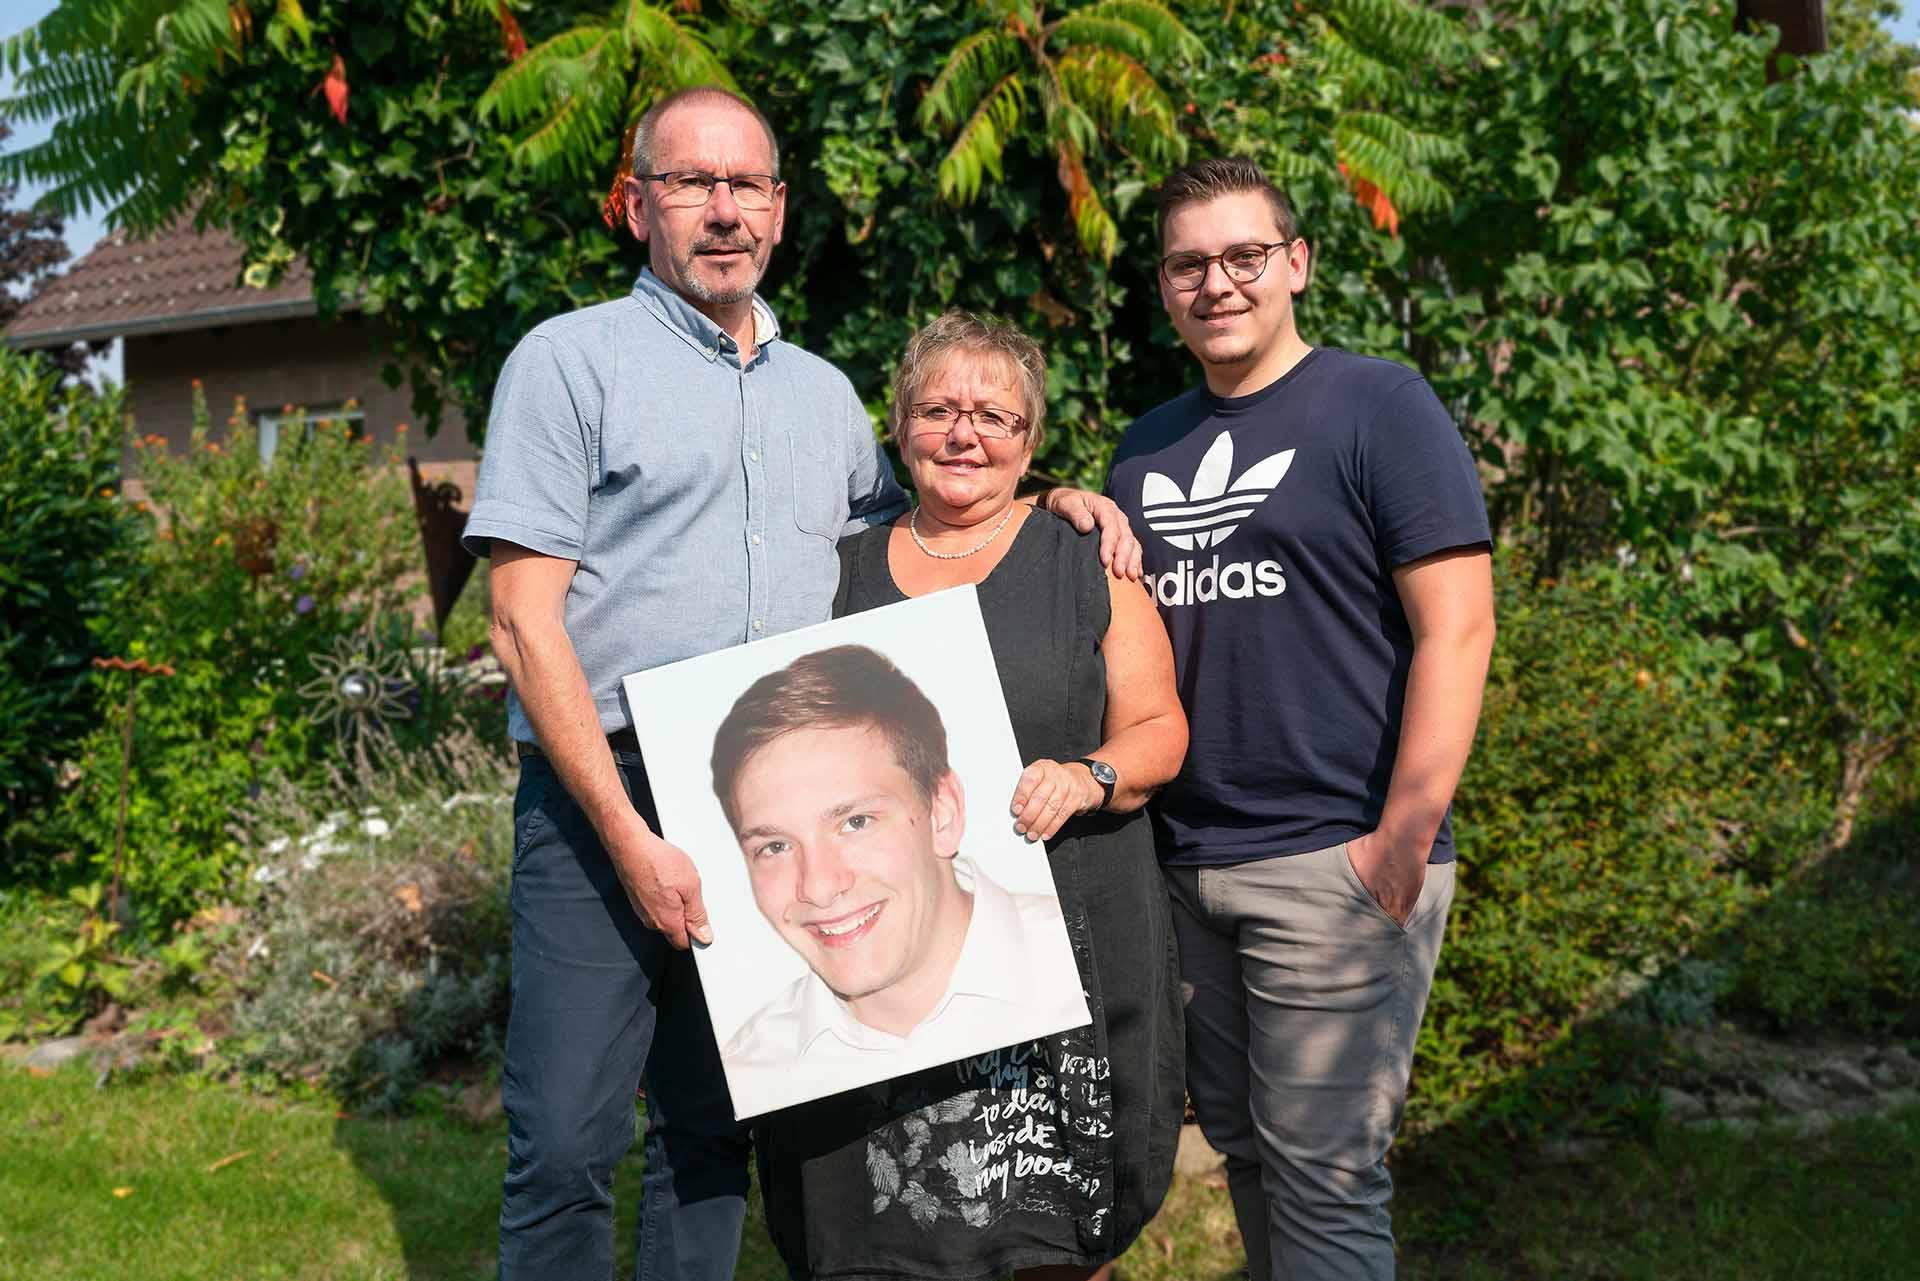 Starker familiärer Zusammenhalt: Uwe, Marion und Tim Deiters mit Foto des verstorbenen Phillipp